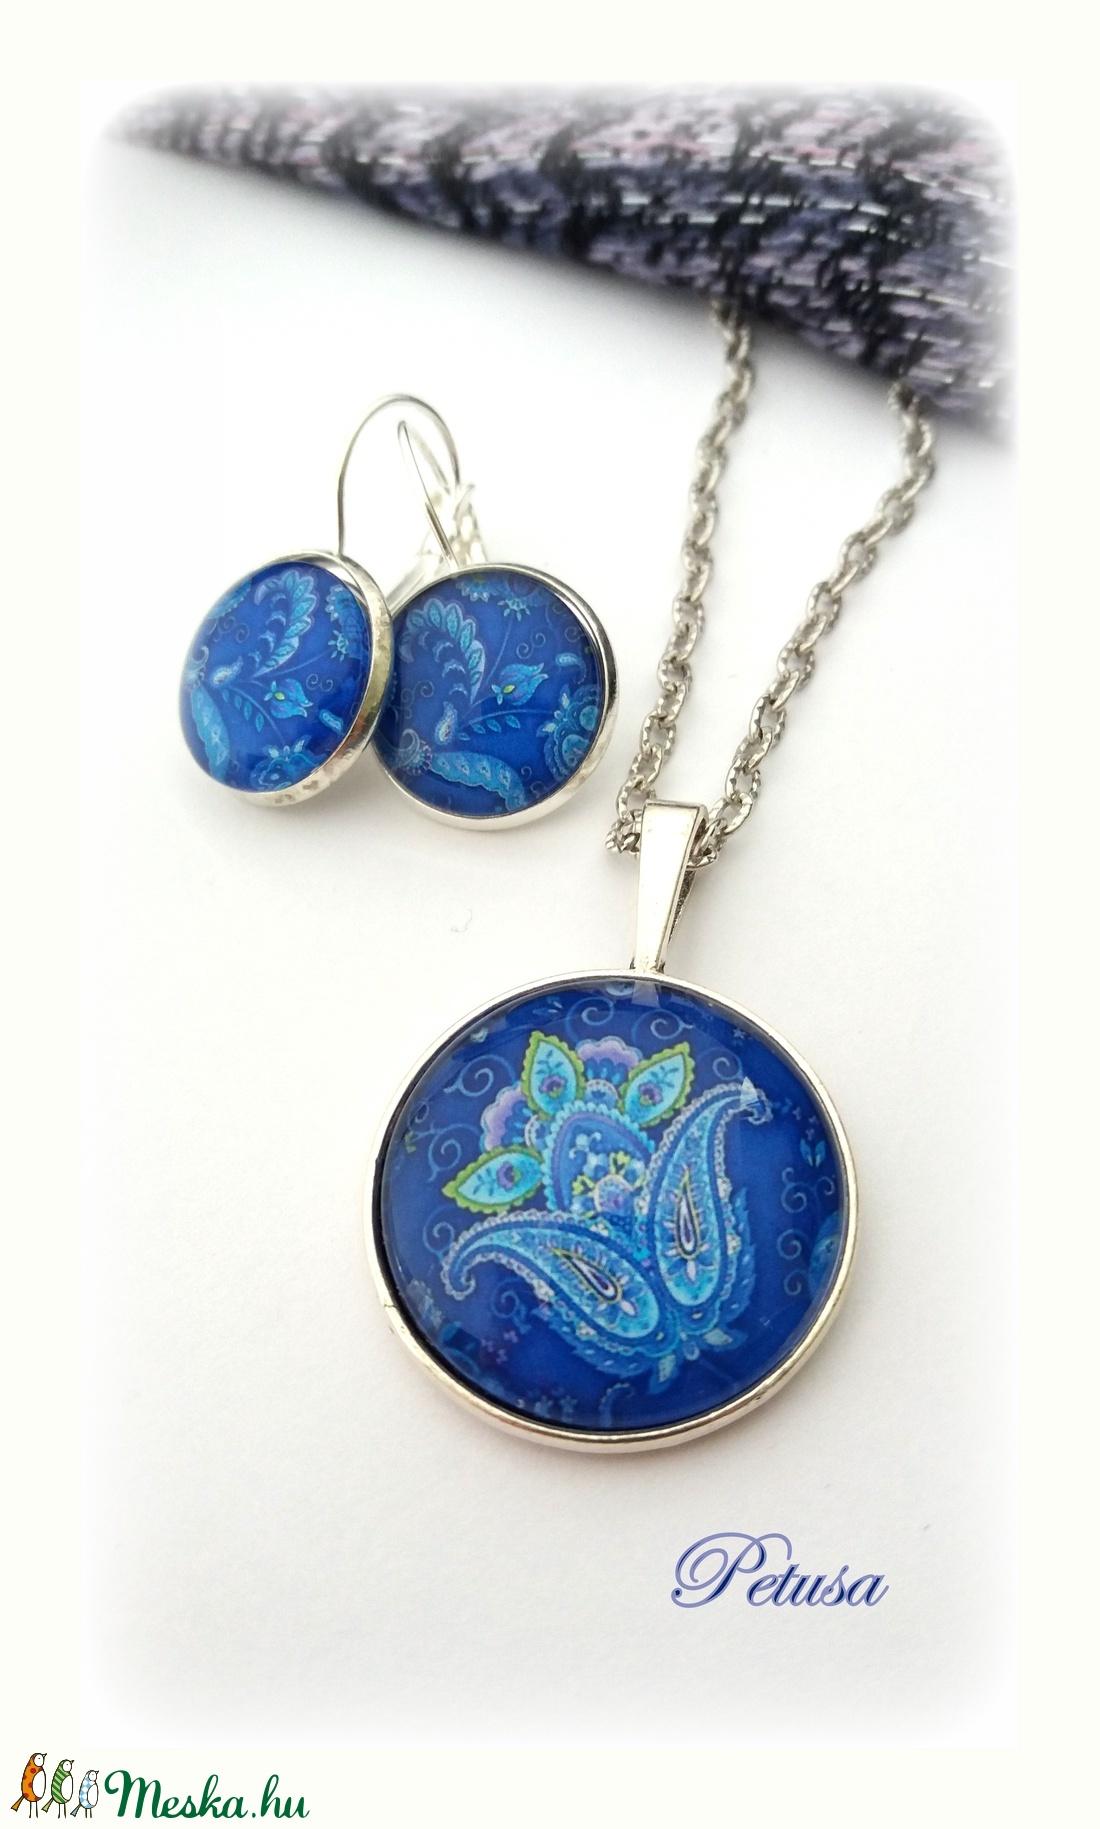 641b06f2b9 Kék keleti nyaklánc sötétkék motívum csempe csipke mozaik Marokkó